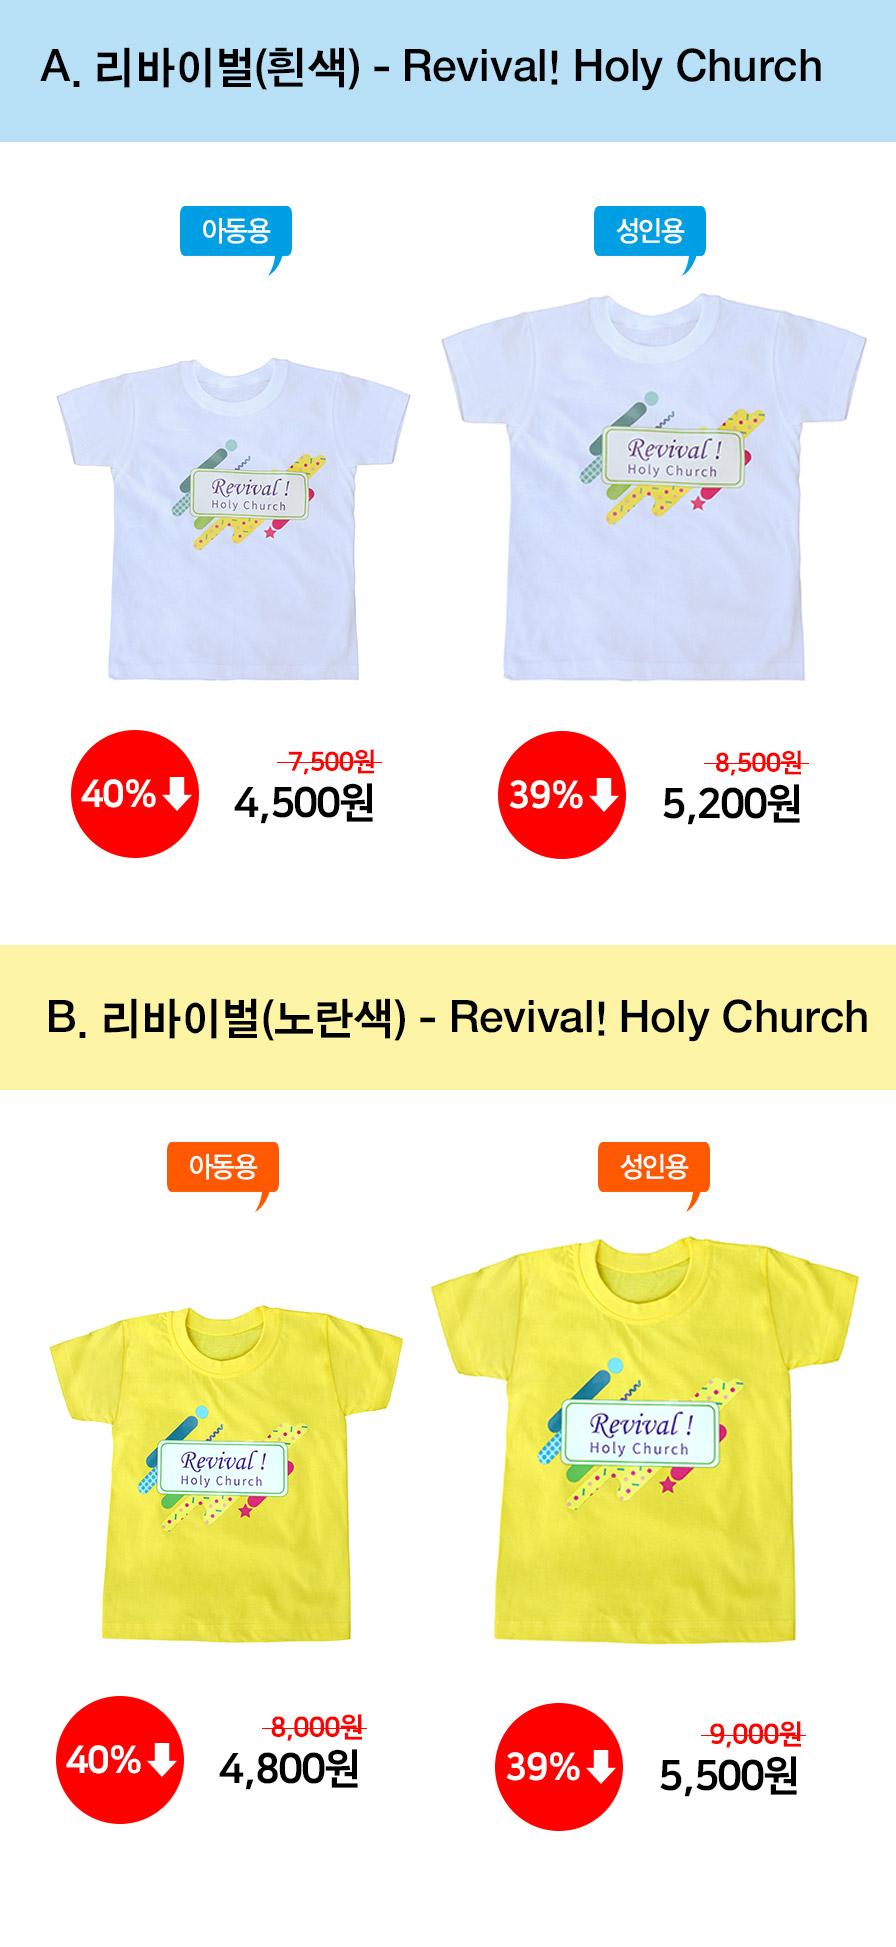 교회단체티 Revival! Holy Church 다시 거룩한 교회 색상별 가격